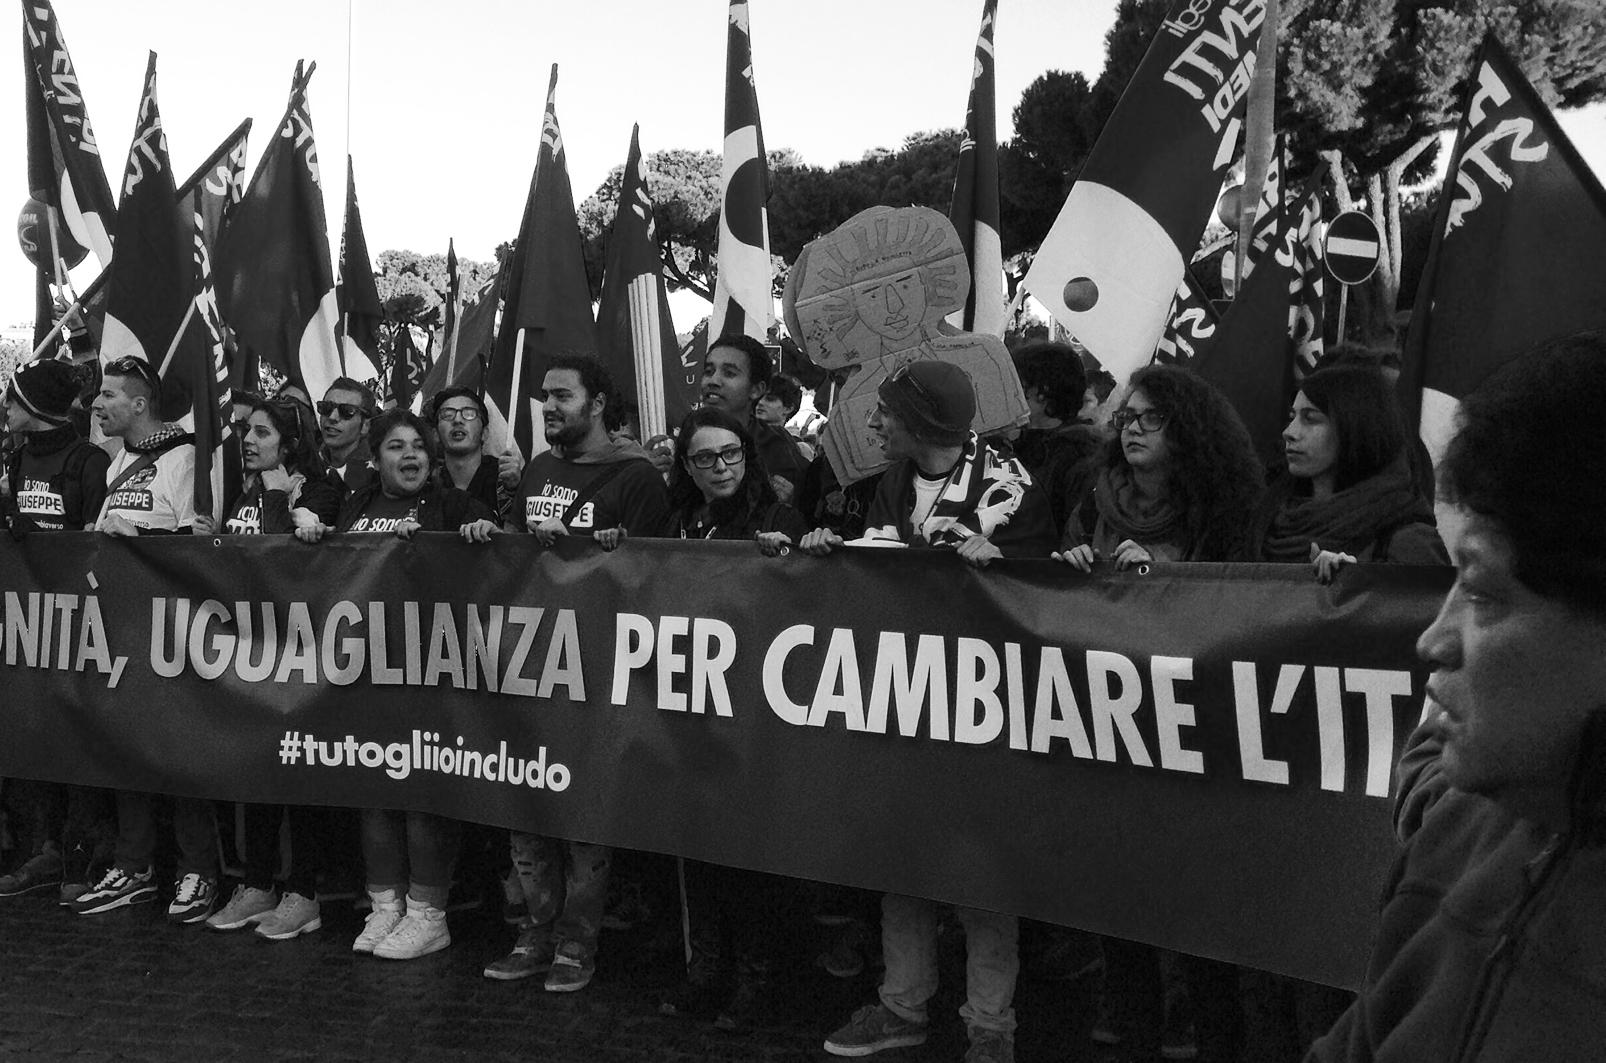 La manifestazione della Cgil sabato scorso a Roma (foto © 2014 Chiara Vettraino )